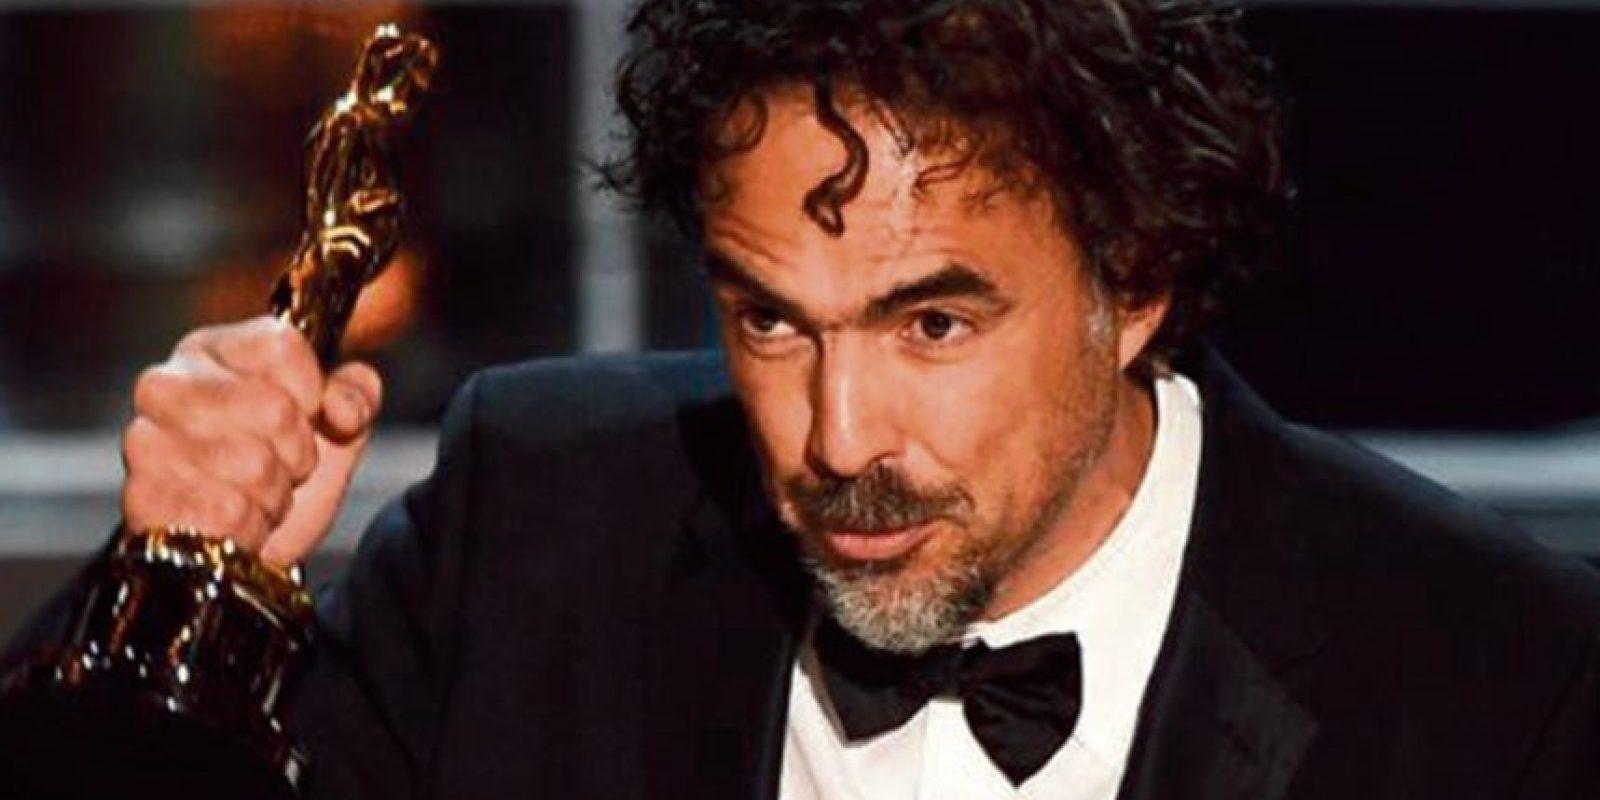 Iñárritu dijo espera terminen los prejuicios en Hollywood. Foto:Fuente Externa.